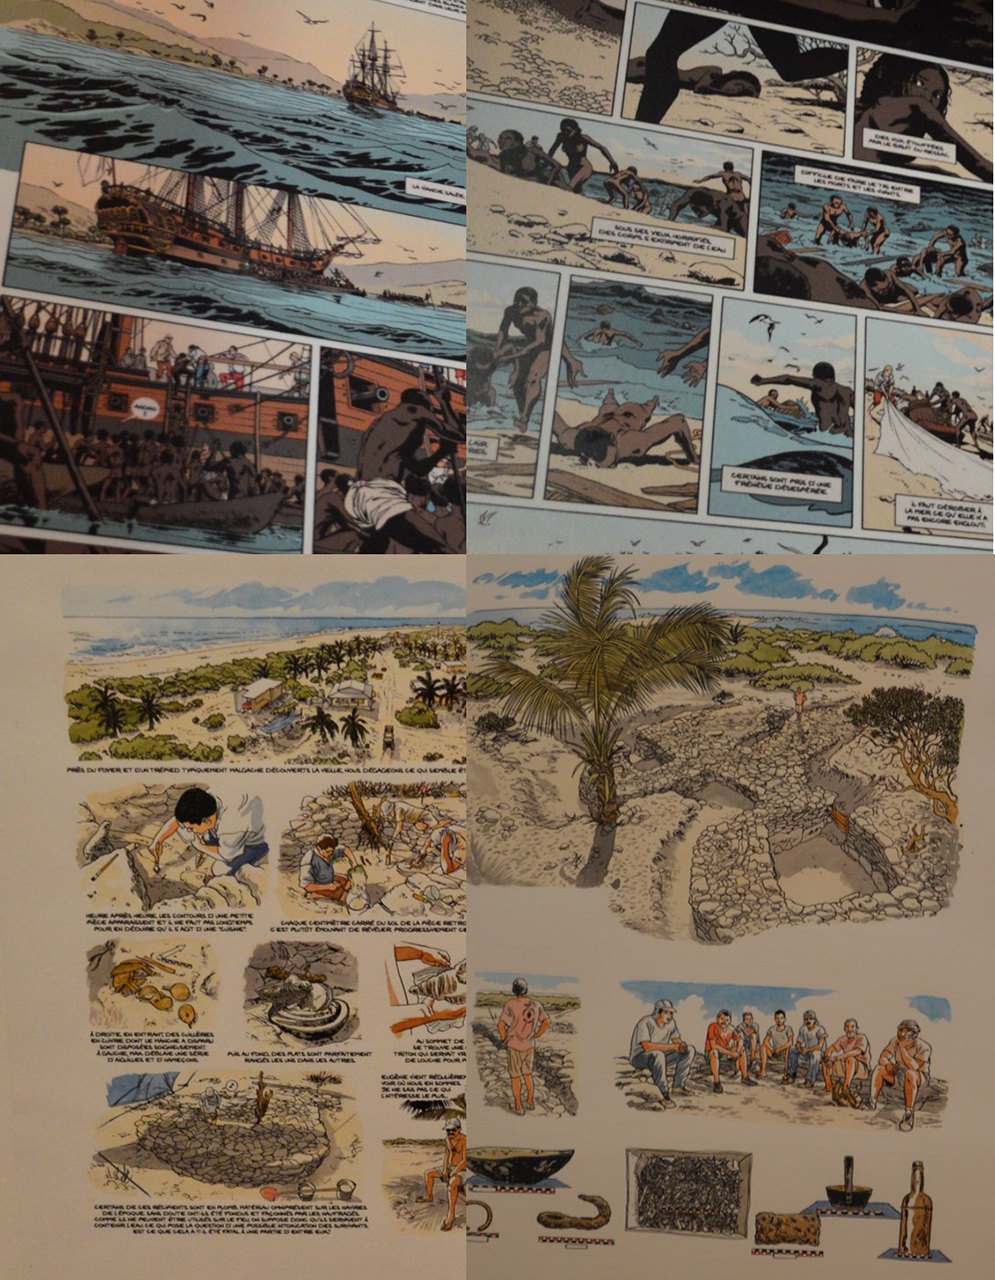 트로믈랭 섬의 역사 트로믈랭 섬의 역사를 알기 쉽게 보여주는 애니메이션이 전시되어 있다.